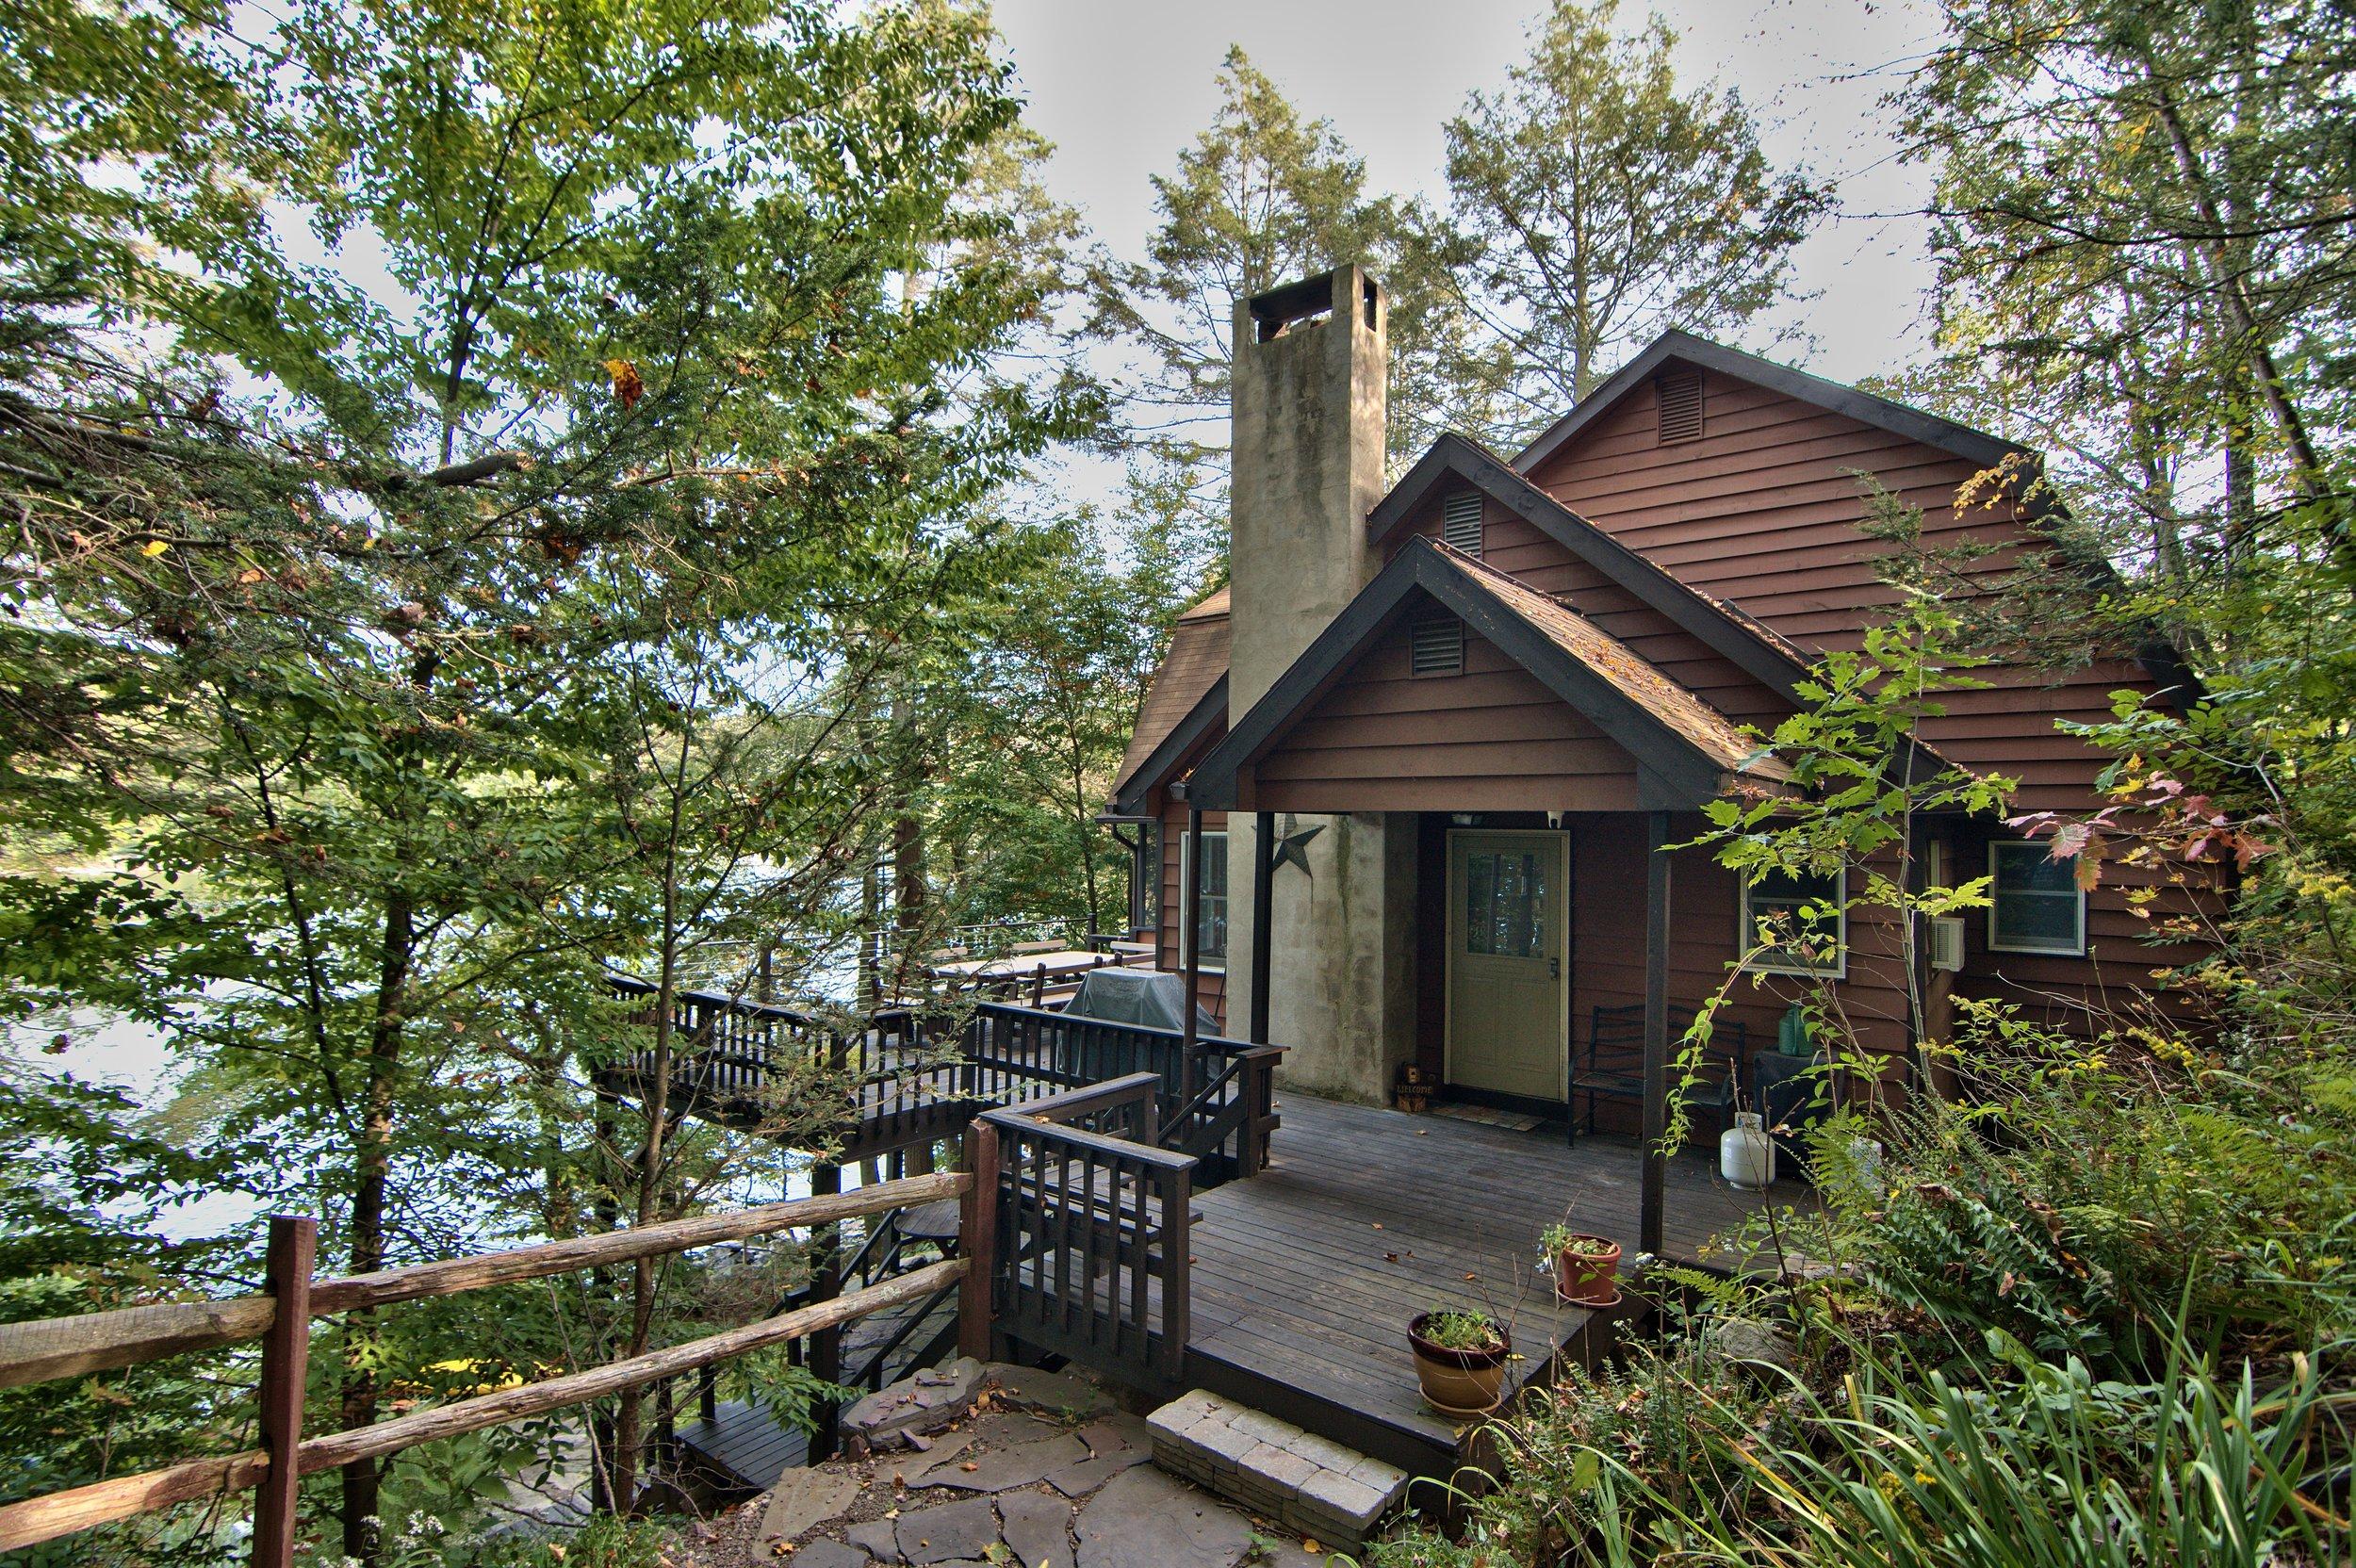 michael's big woods  4 bedrooms, 2 bathrooms